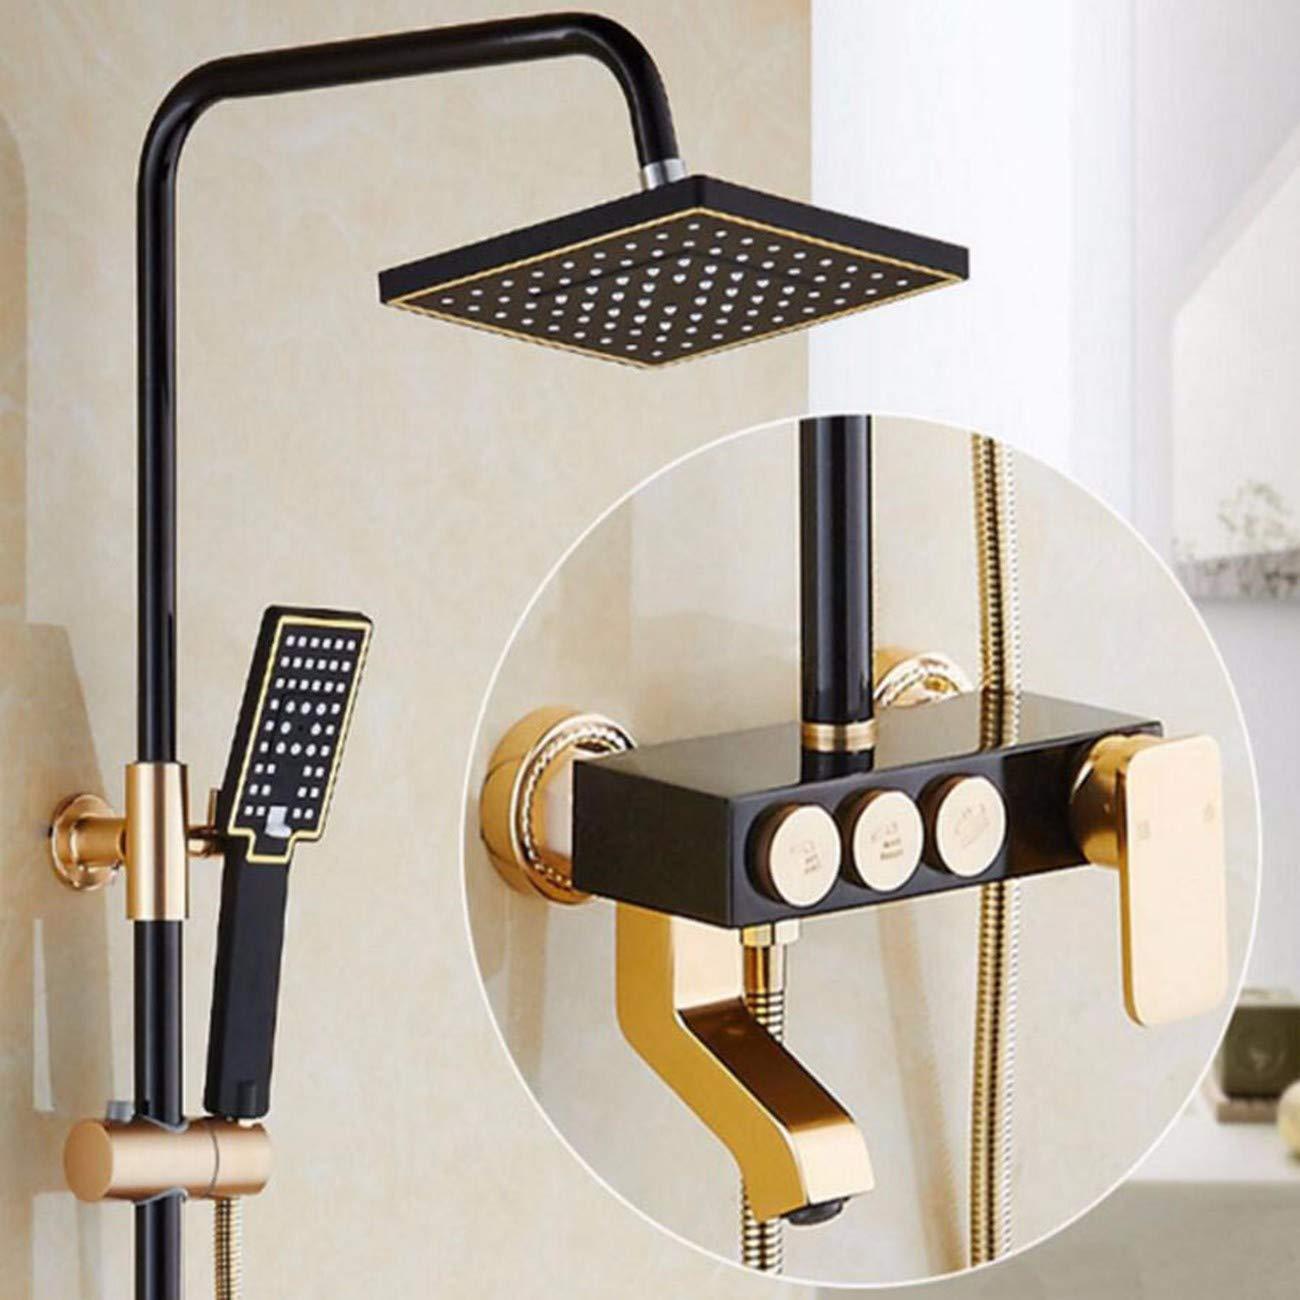 Duschset Weltraum - Aluminium - Dusche Konstanter Temperatur Sprinkler Mischen Ventil Offenen Duschen Duschen Duschen Setzen,H